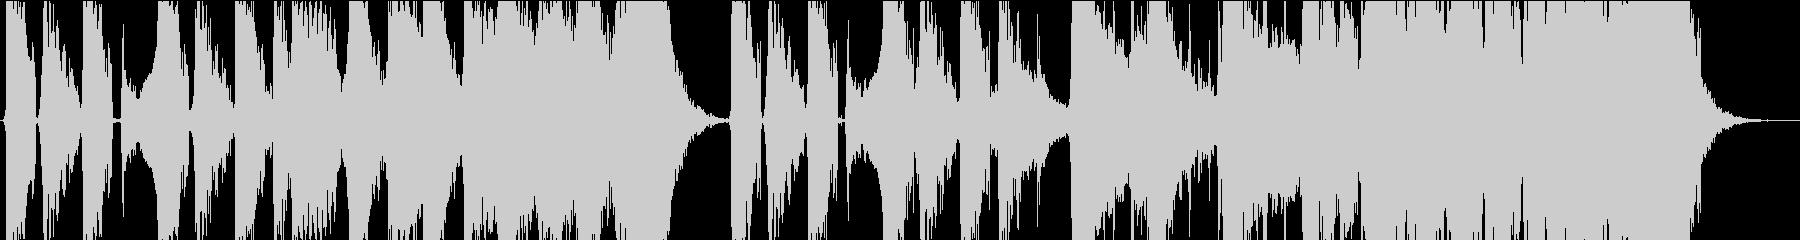 実験的 神経質 不条理 奇妙な 打...の未再生の波形